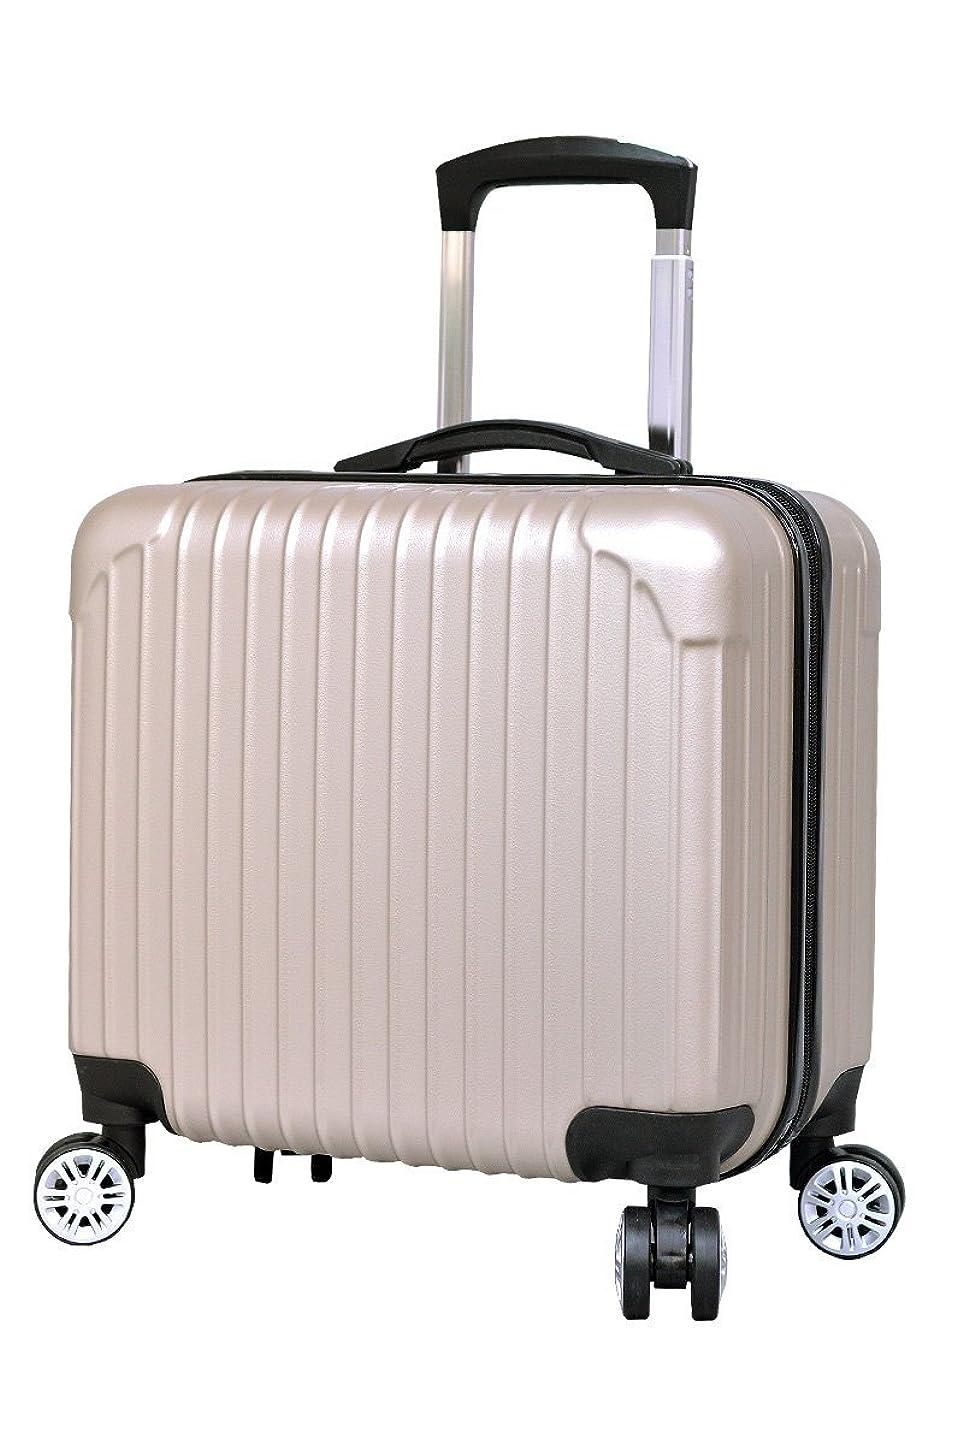 回転するアパート傷つけるスーツケース 機内持ち込み [DJ002] 超軽量 16インチ 四輪 ABS キャリーケース